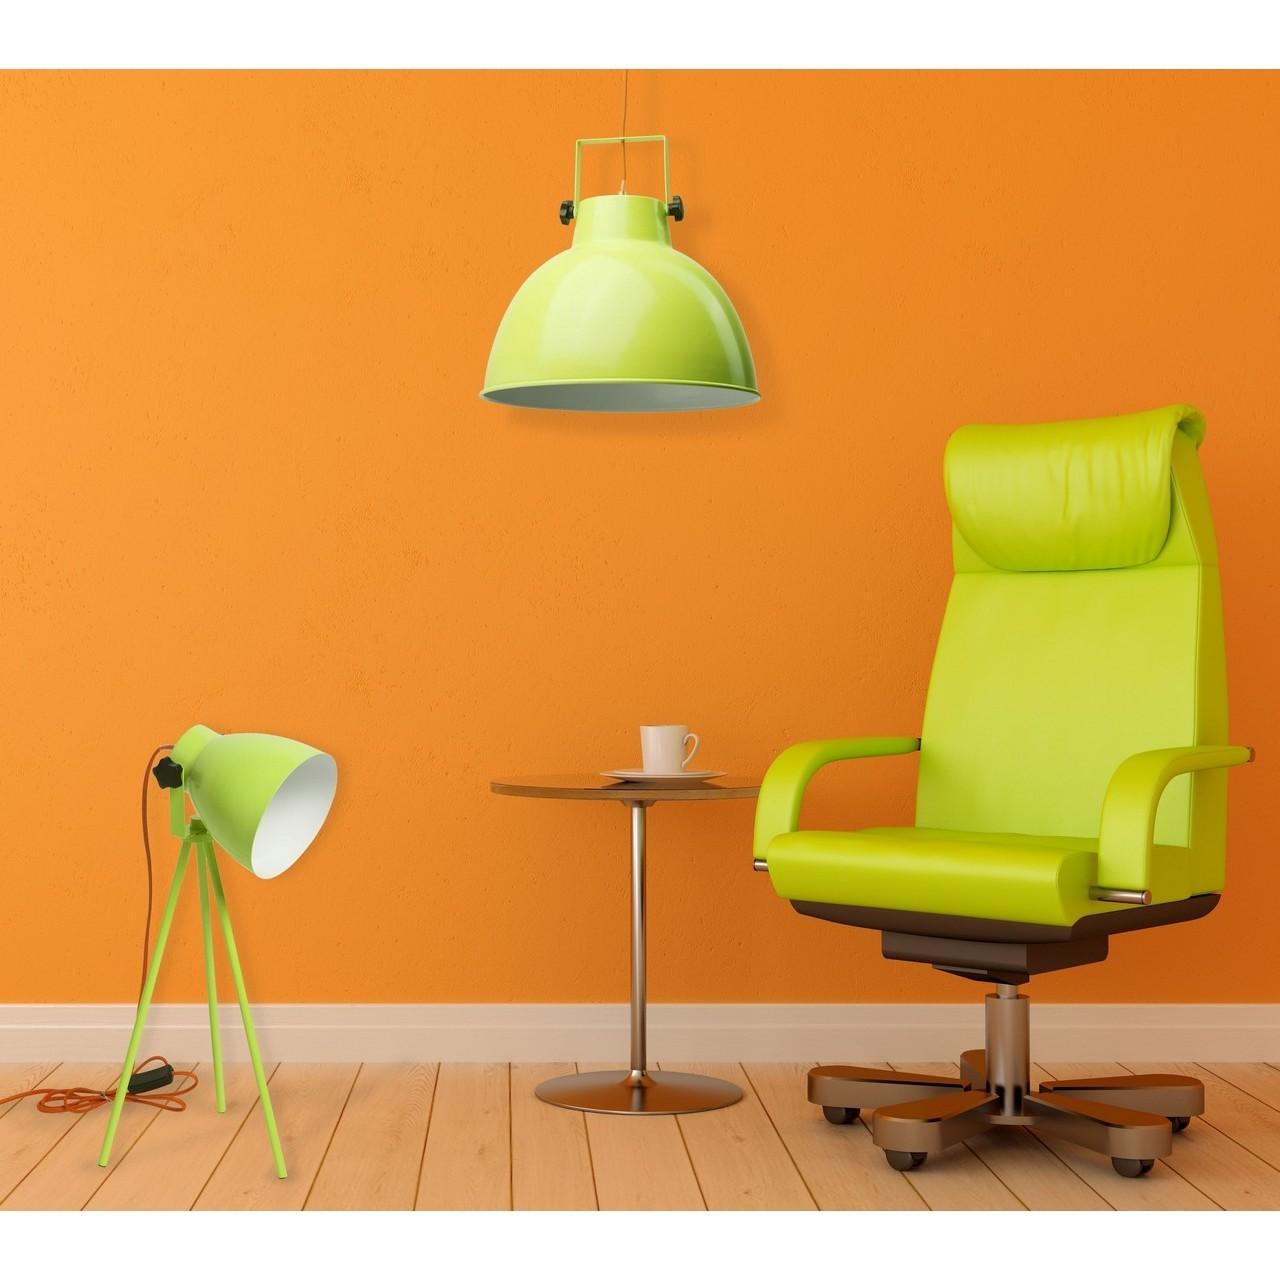 Wyprzedaż lamp stołowych: Limonkowa lampka stołowa